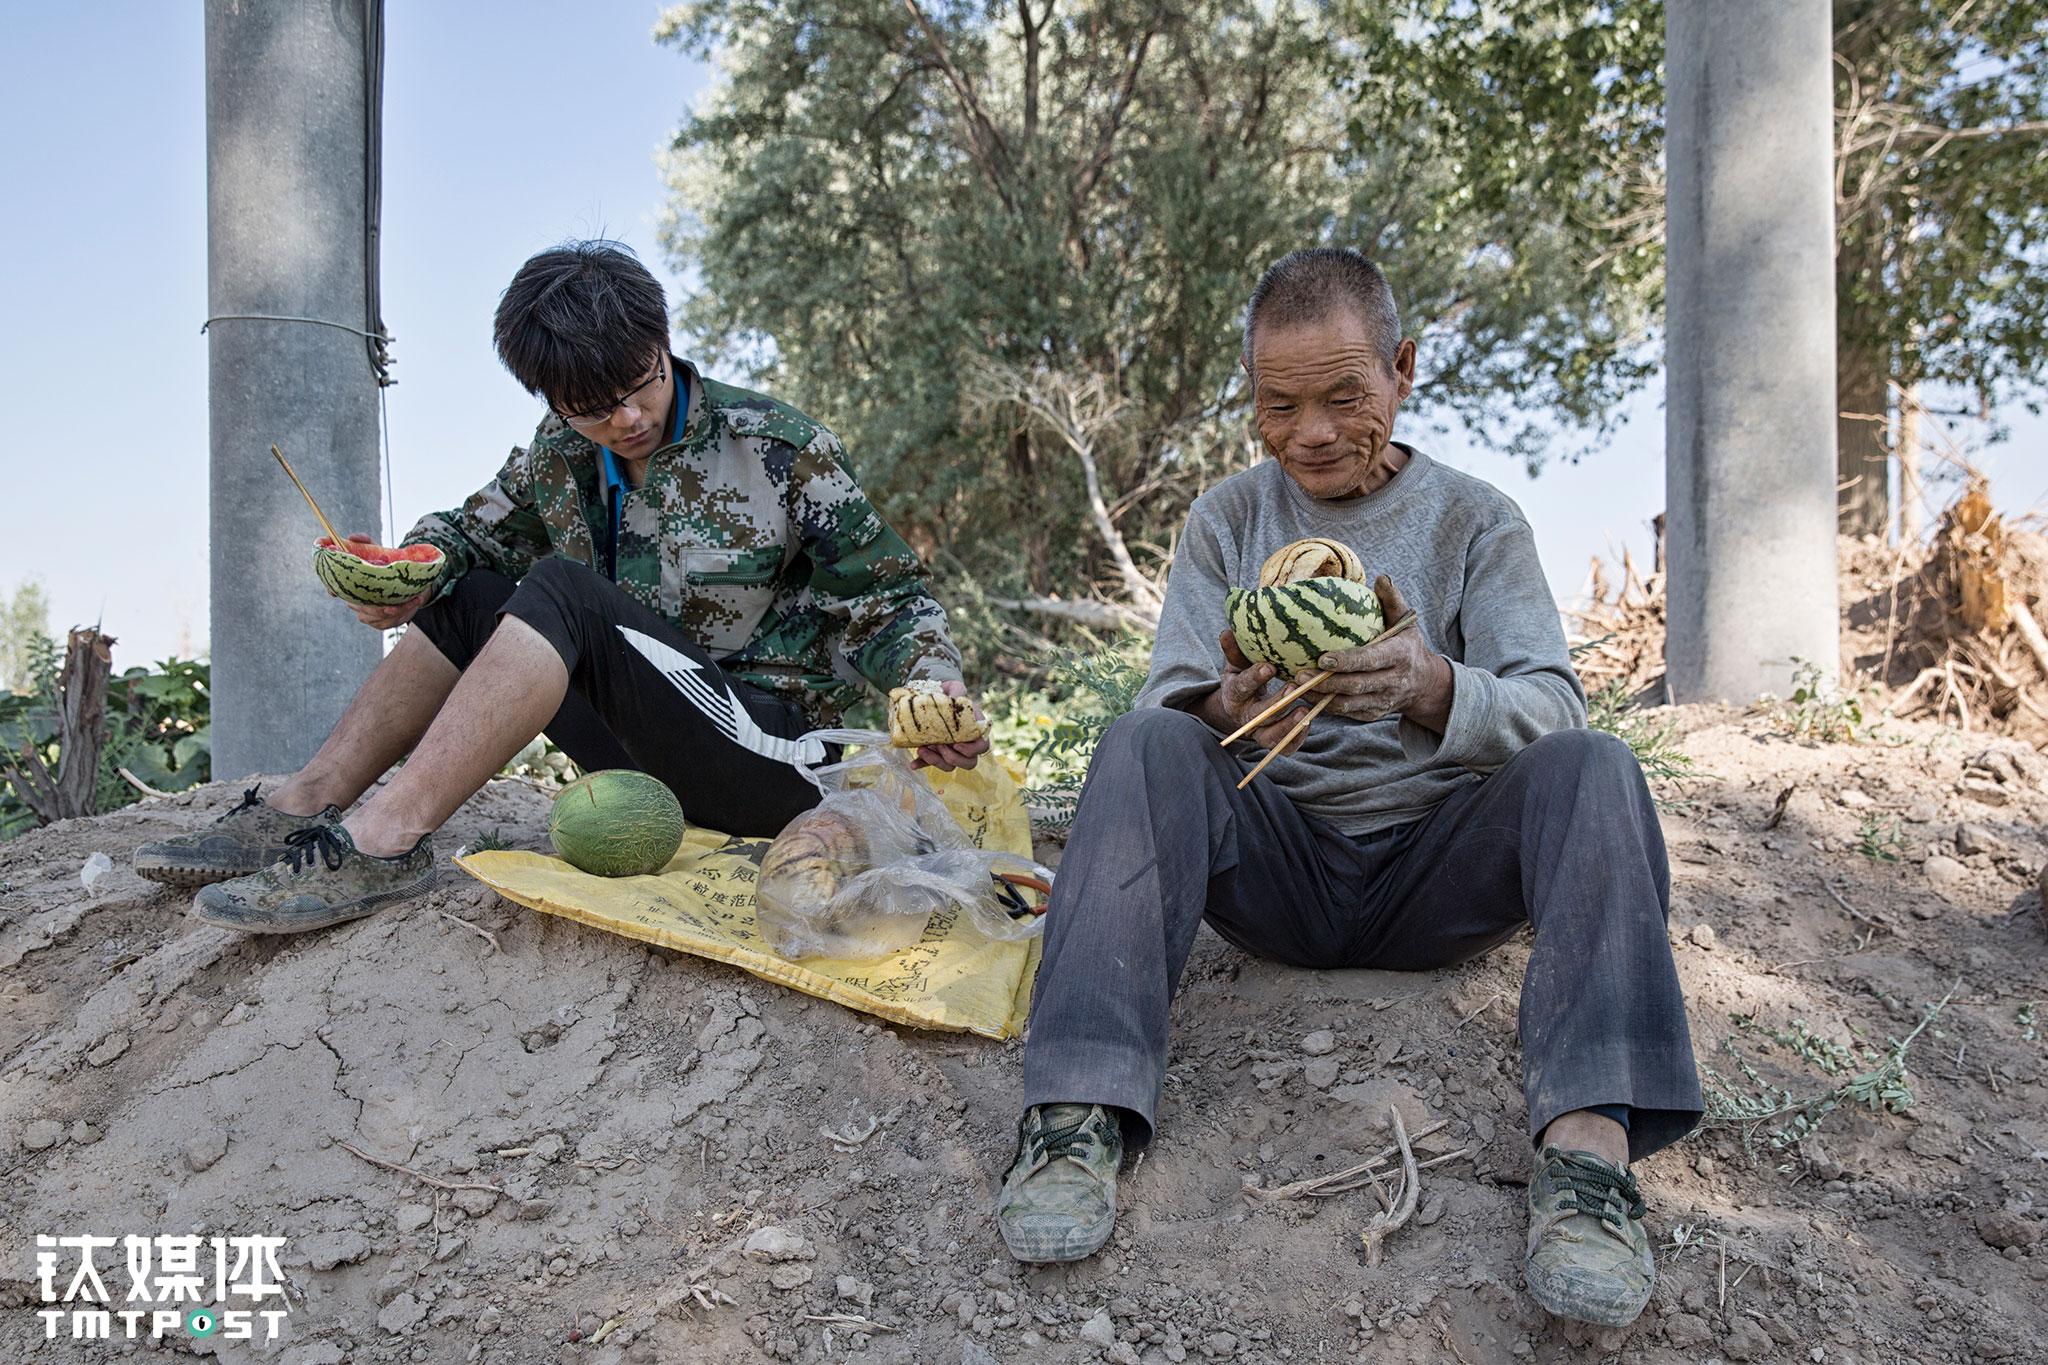 """平时下地干活,父子俩会用""""西瓜泡馍""""当早餐和午餐吃。他们把西瓜拍成两半,吃掉一些西瓜肉之后,把面粉烤的干馍泡到瓜瓤里吃。"""